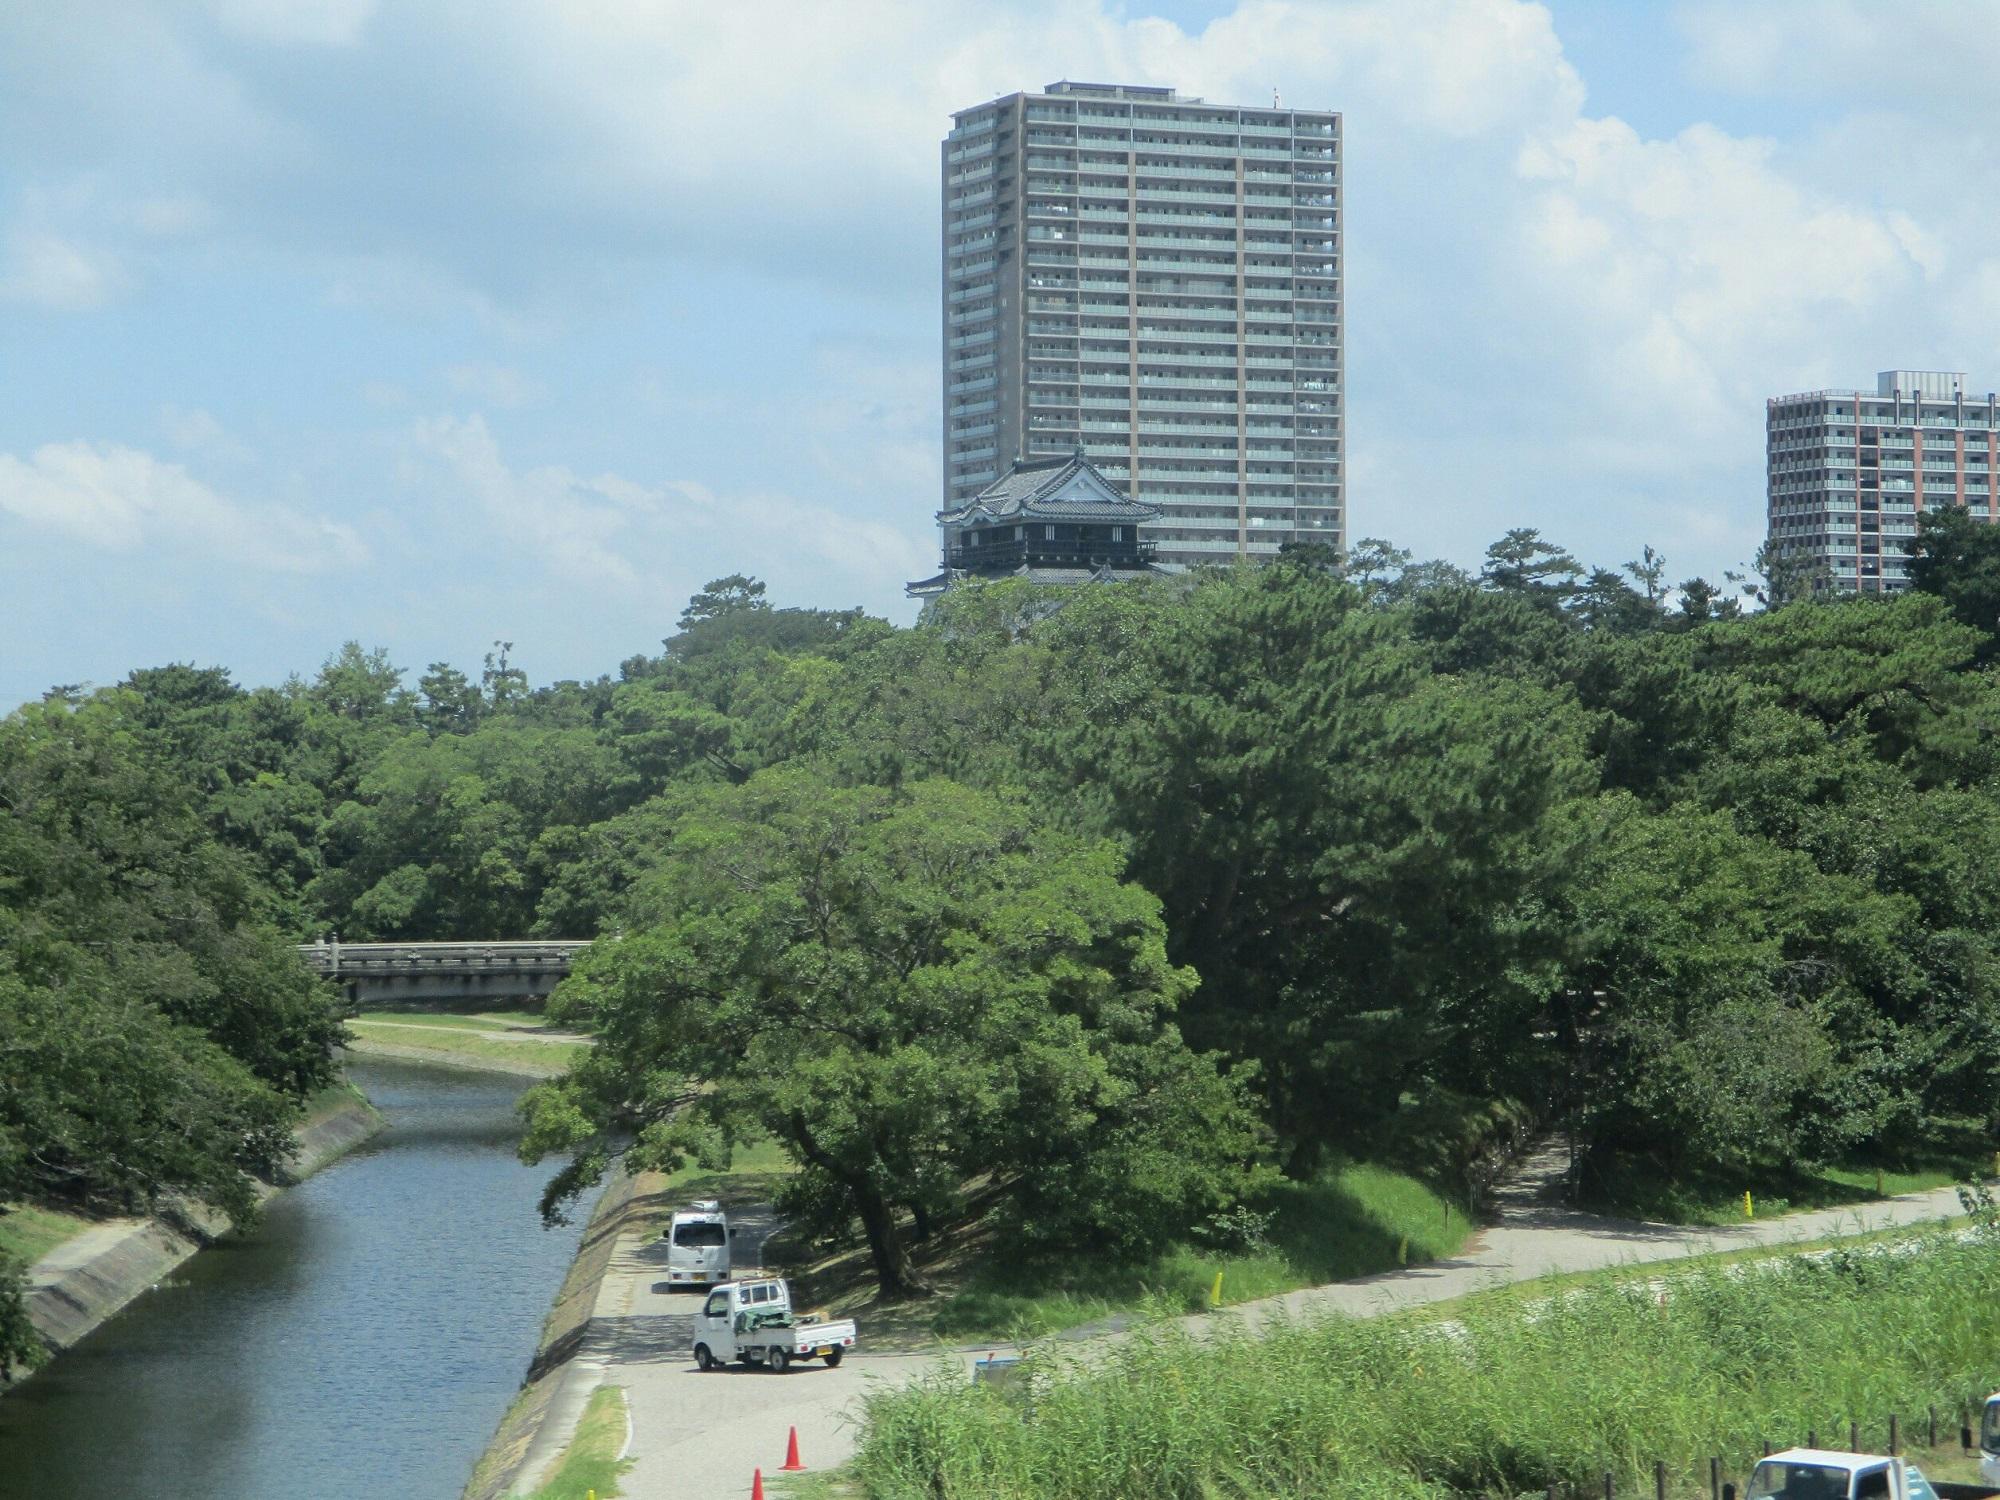 2018.7.31 (10) 東岡崎いきふつう - 菅生川をわたる 2000-1500